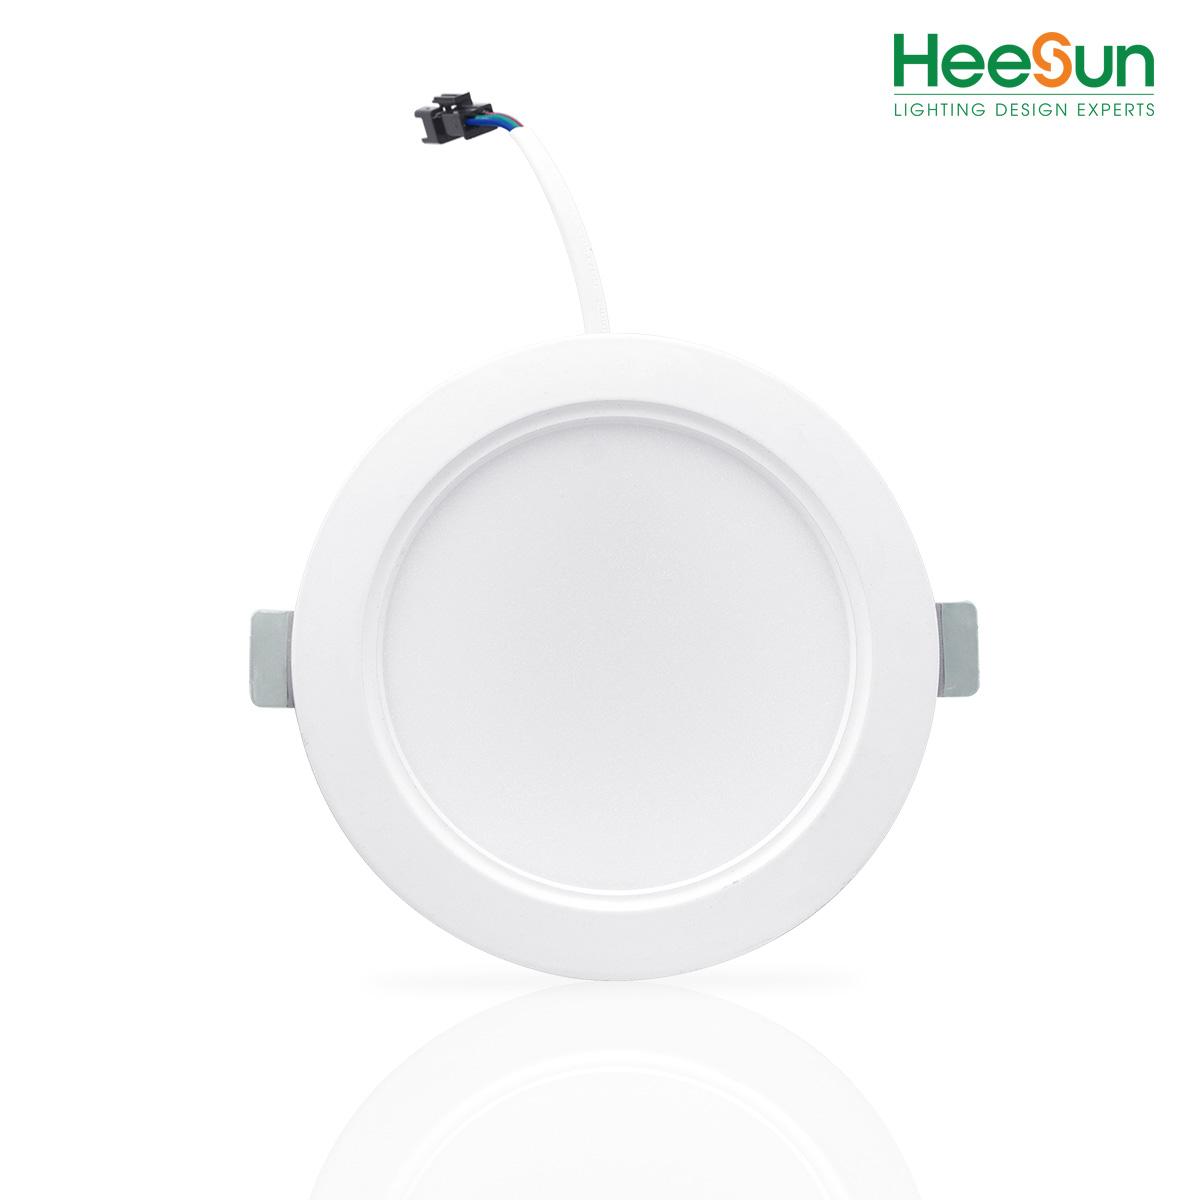 Đèn Led âm trần downlight SMD đế đúc HS-DLD07-01 - HEESUN VIỆT NAM